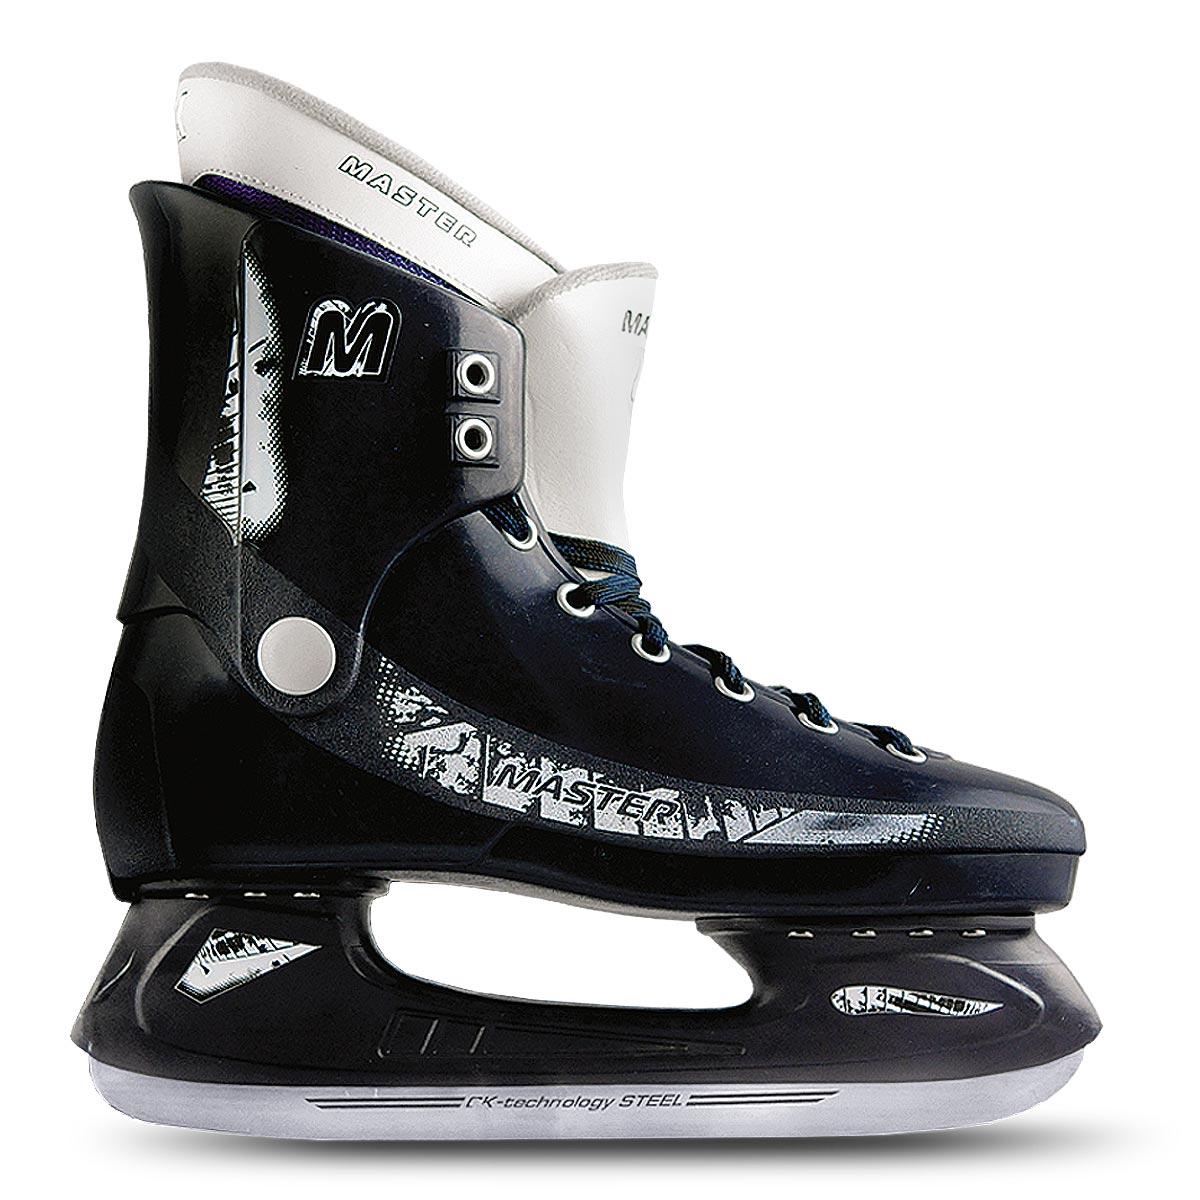 Коньки хоккейные мужские CK Master Deluxe, цвет: синий. Размер 39MASTER deluxe_синий_39Стильные коньки от CK Master Deluxe с ударопрочной защитной конструкцией отлично подойдут для начинающих обучаться катанию. Ботинки изготовлены из морозостойкого полимера, который защитит ноги от ударов. Верх изделия оформлен классической шнуровкой, надежно фиксирующей голеностоп. Сапожок, выполненный из комбинации капровелюра и искусственной кожи, оформлен принтом и тиснением в виде логотипа бренда. Внутренняя поверхность, дополненная утеплителем, и стелька исполнены из текстиля. Фигурное лезвие изготовлено из нержавеющей легированной стали со специальным покрытием, придающим дополнительную прочность.Усиленная двух-стаканная рама декорирована с одной из боковых сторон оригинальным принтом. Стильные коньки придутся вам по душе.Уважаемые клиенты, обращаем ваше внимание на тот факт, что модель маломерит: при заказе выбирайте размер на 1-2 превышающий ваш собственный.